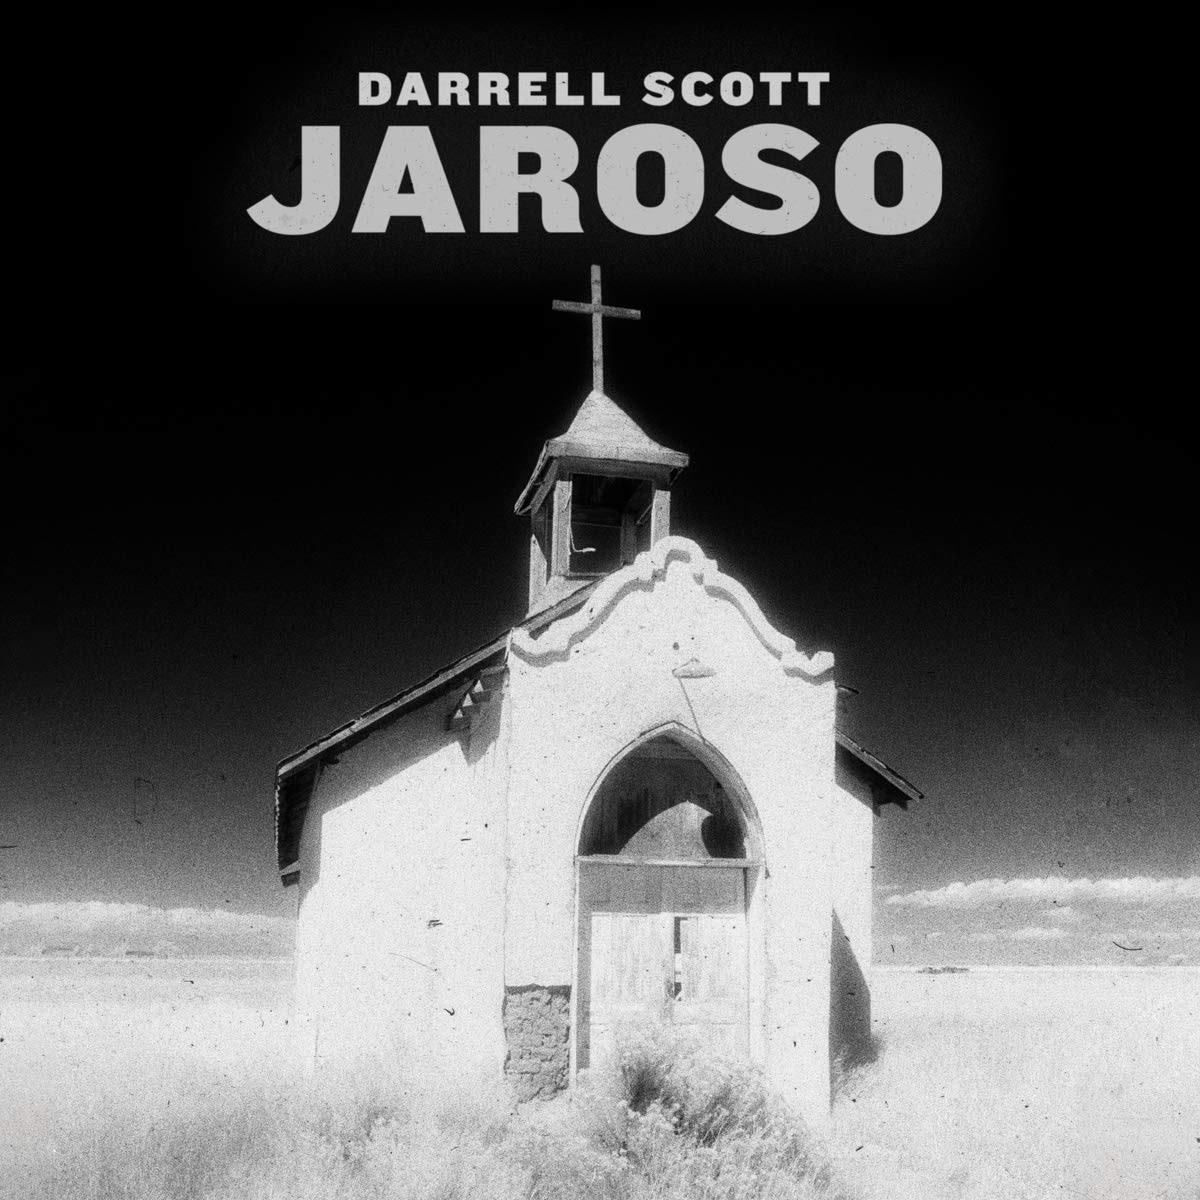 Jaroso Darrell Scott